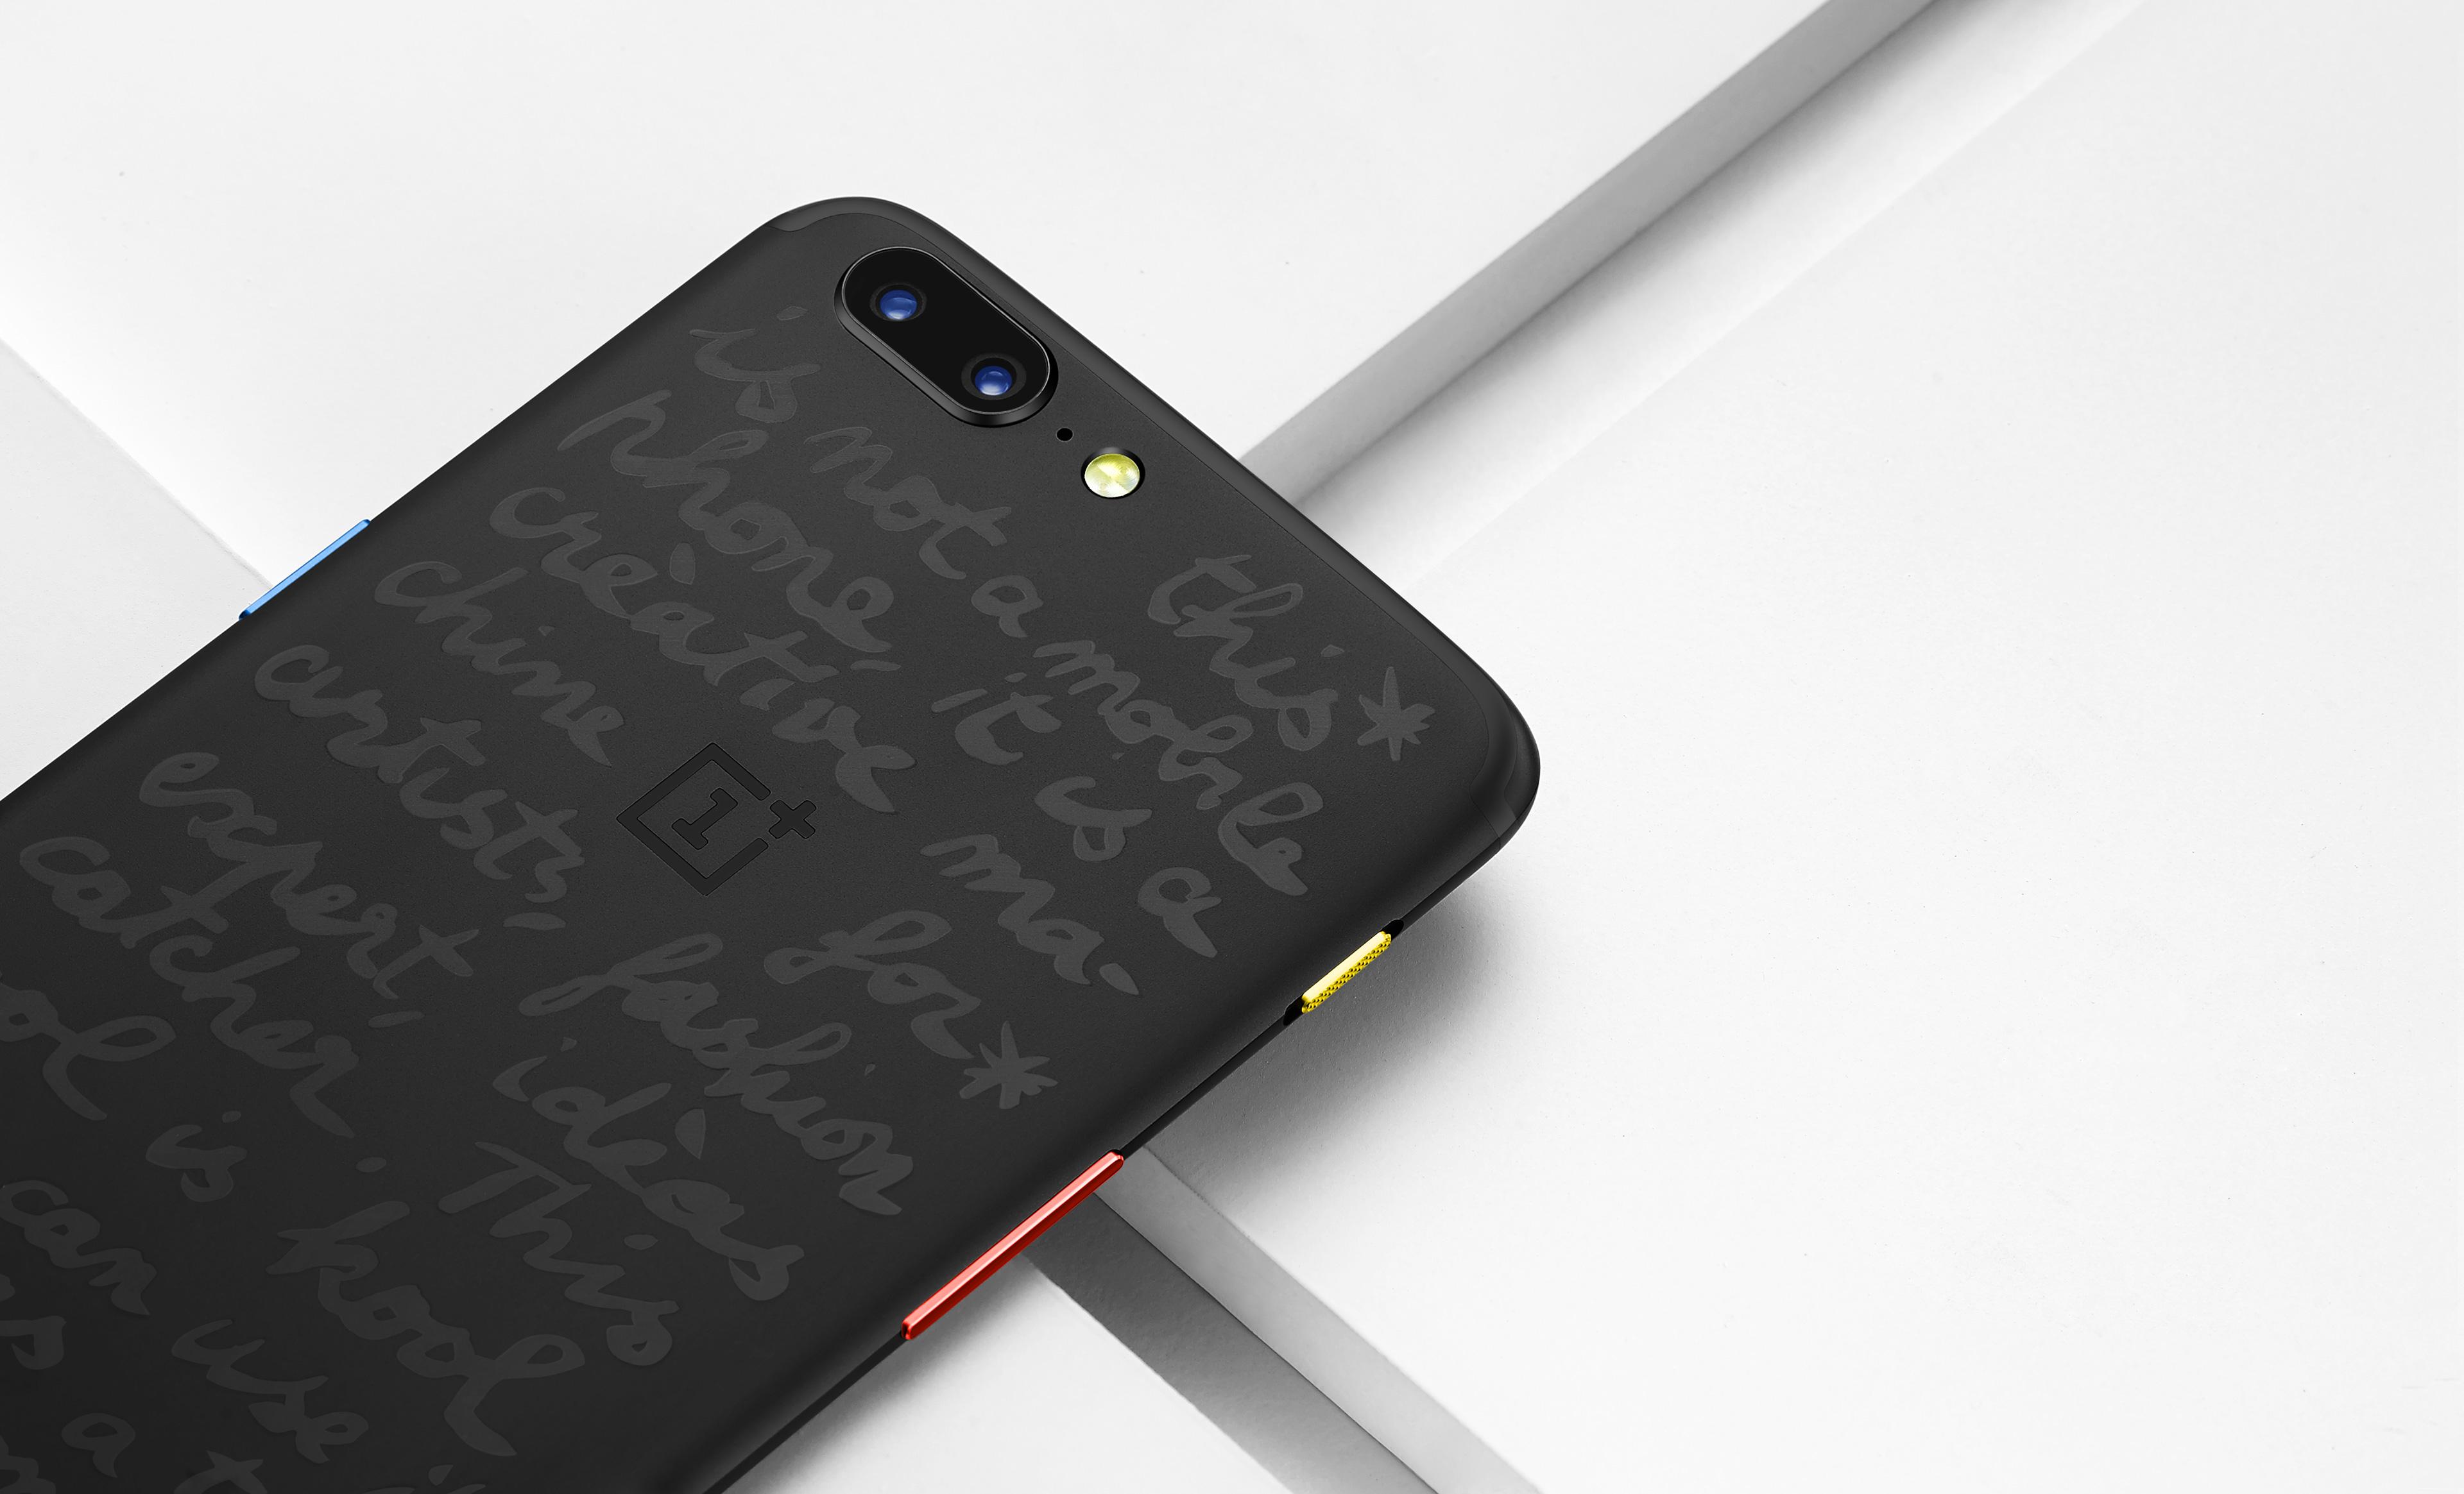 Tech'spresso : Pixel 2, une recharge ultra rapide chez Tesla et OnePlus 5 Castelbajac